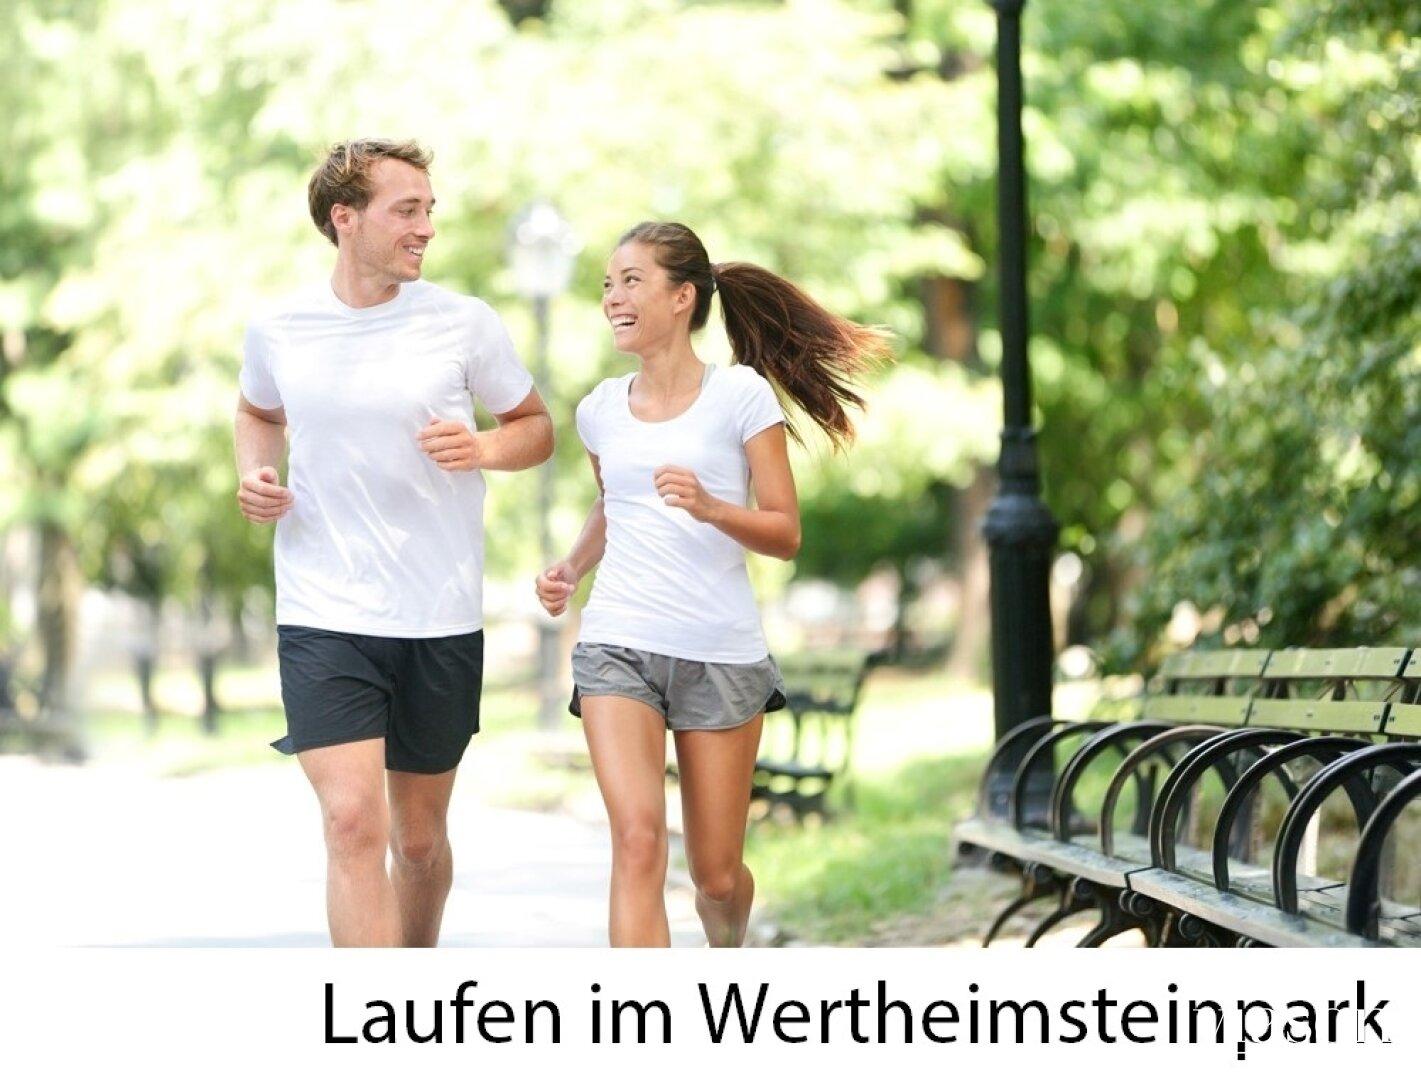 Laufen im Wertheimsteinpark